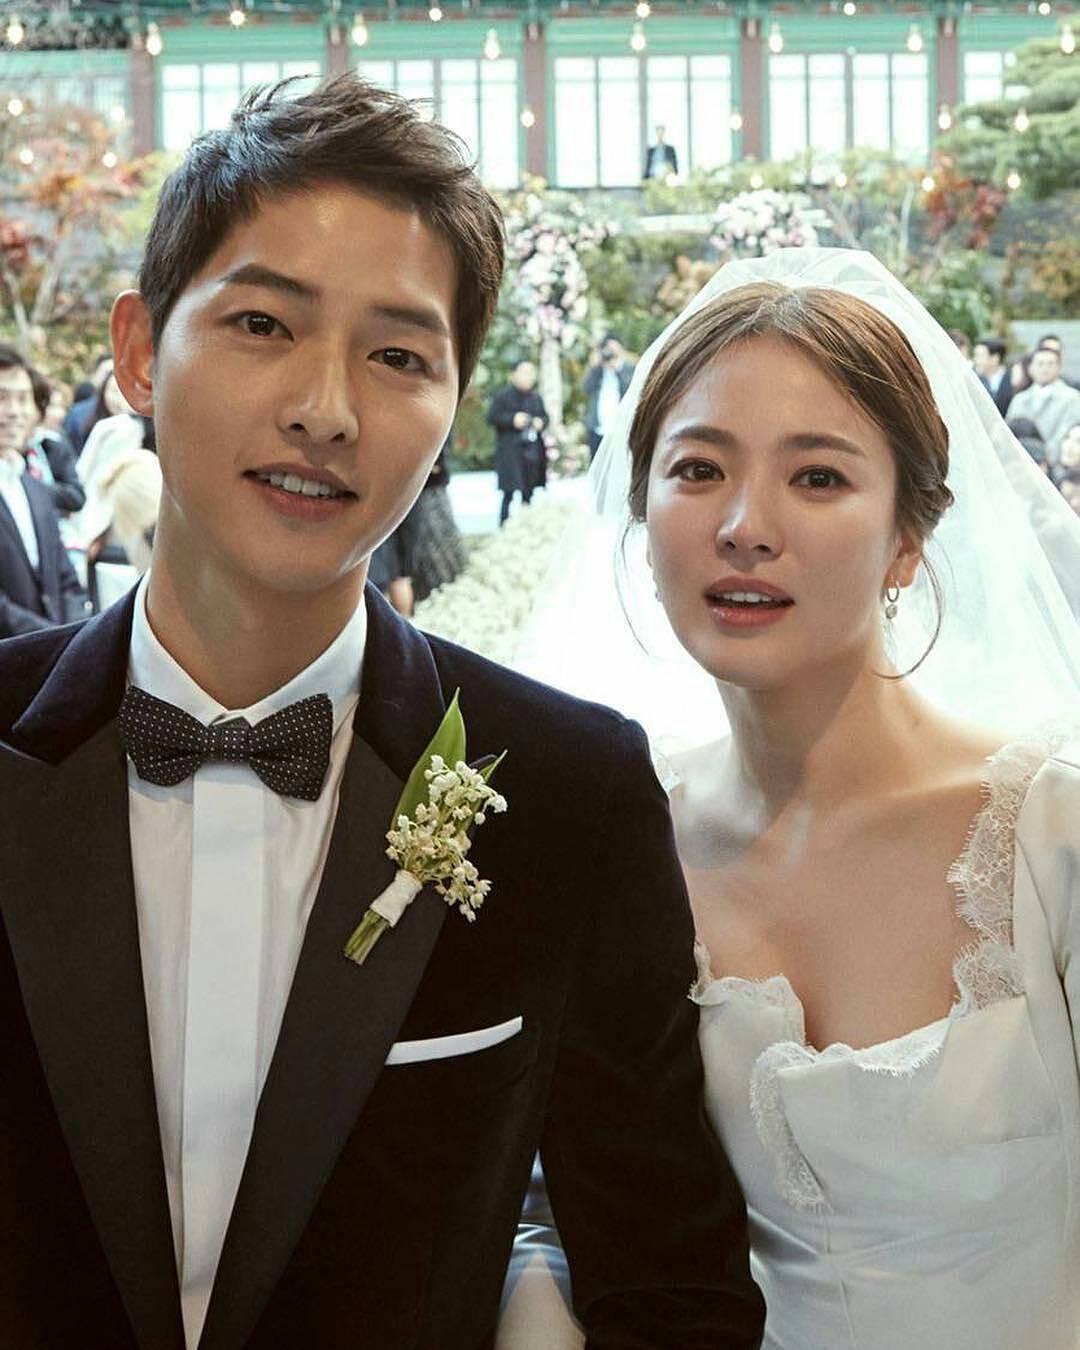 Còn nhớ ngày này năm ngoái, Song Joong Ki và Song Hye Kyo khiến cả châu Á chấn động vì tin tức này! - Ảnh 4.